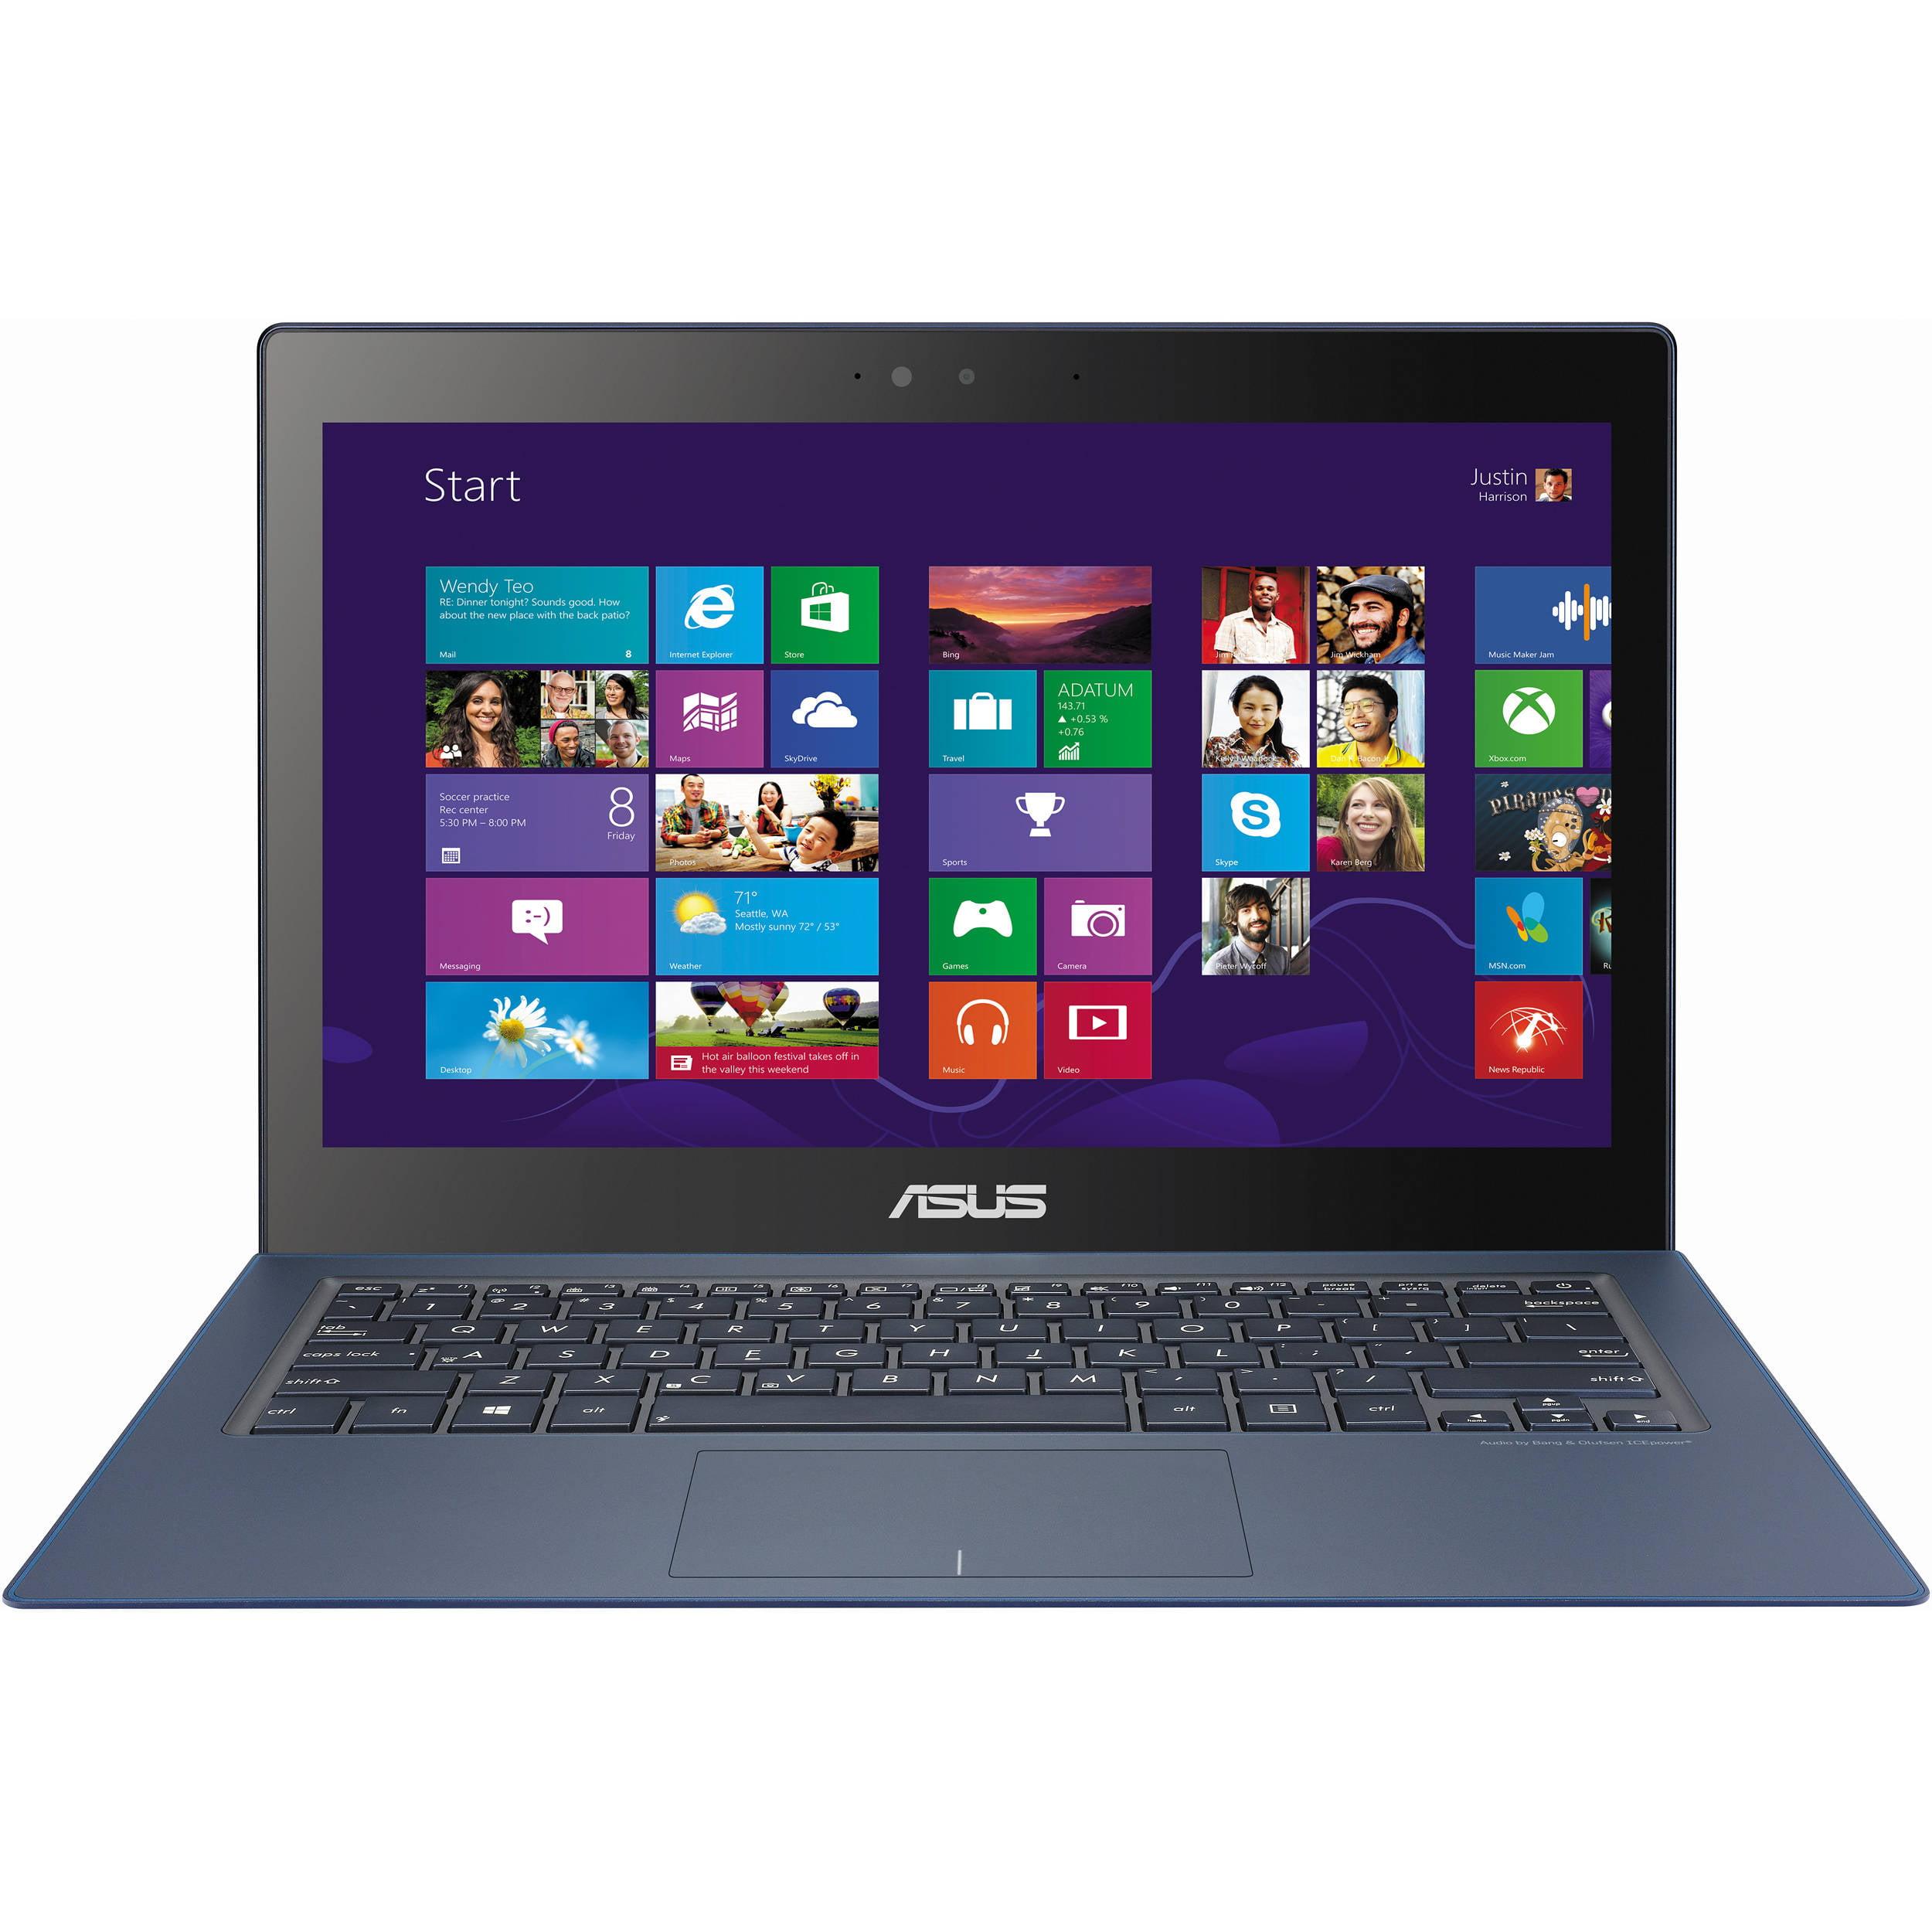 NEW - Asus UX301LA 13.3 Touch Laptop i7-5500U 2.4GHz 8GB ...